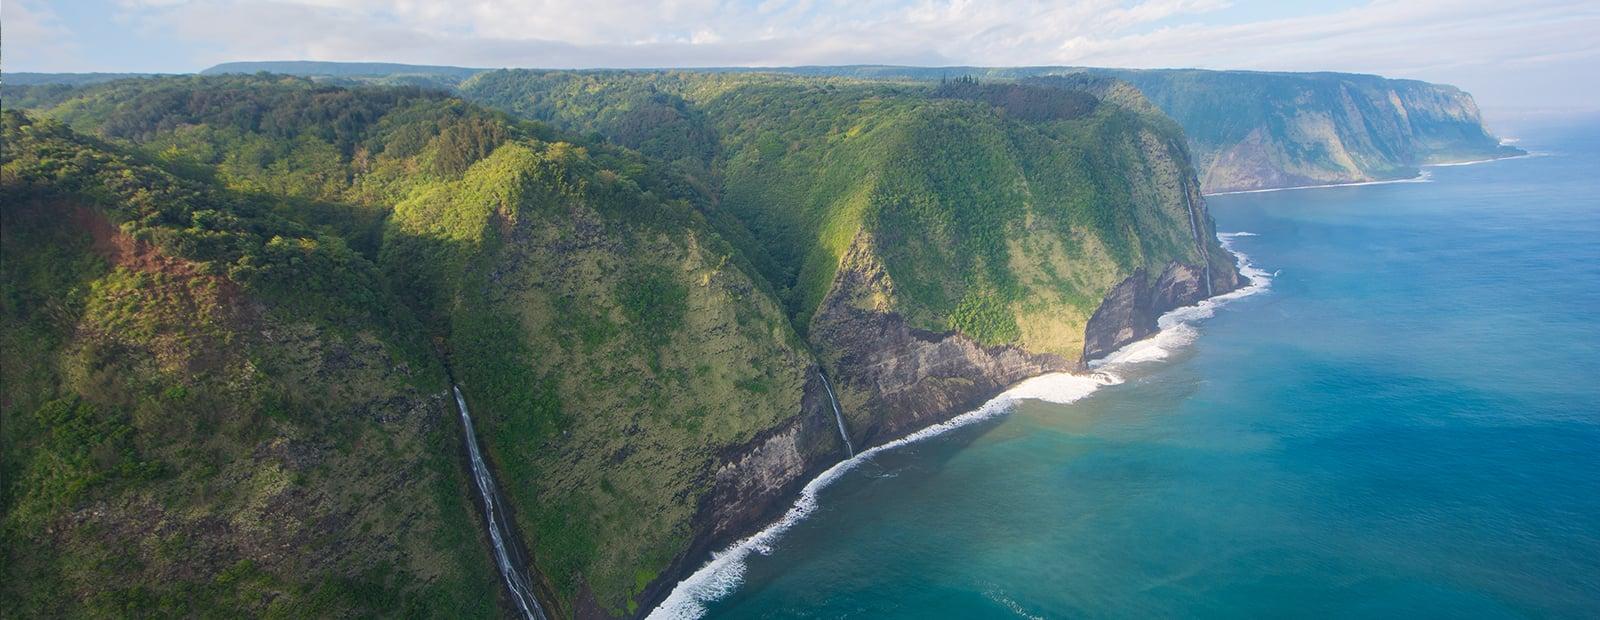 Big Island Hawaii 1WaterfallintoOcean